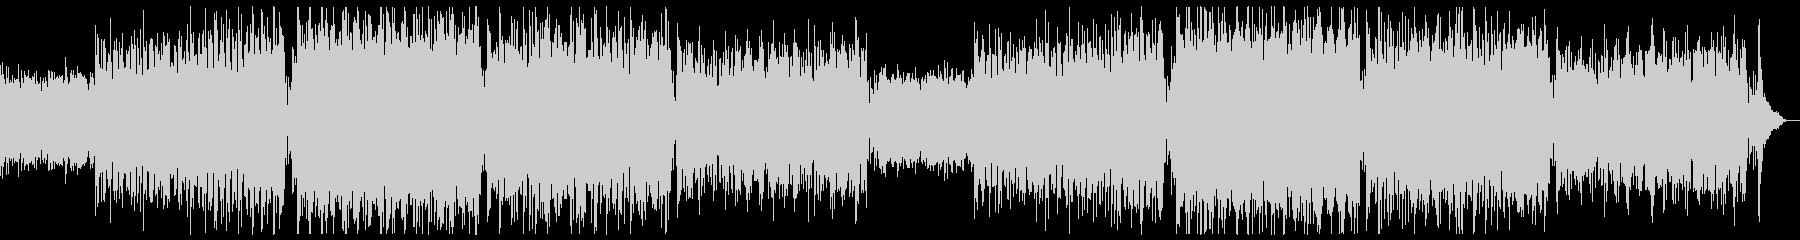 ハリウッド風ダークバイオリンx2回の未再生の波形